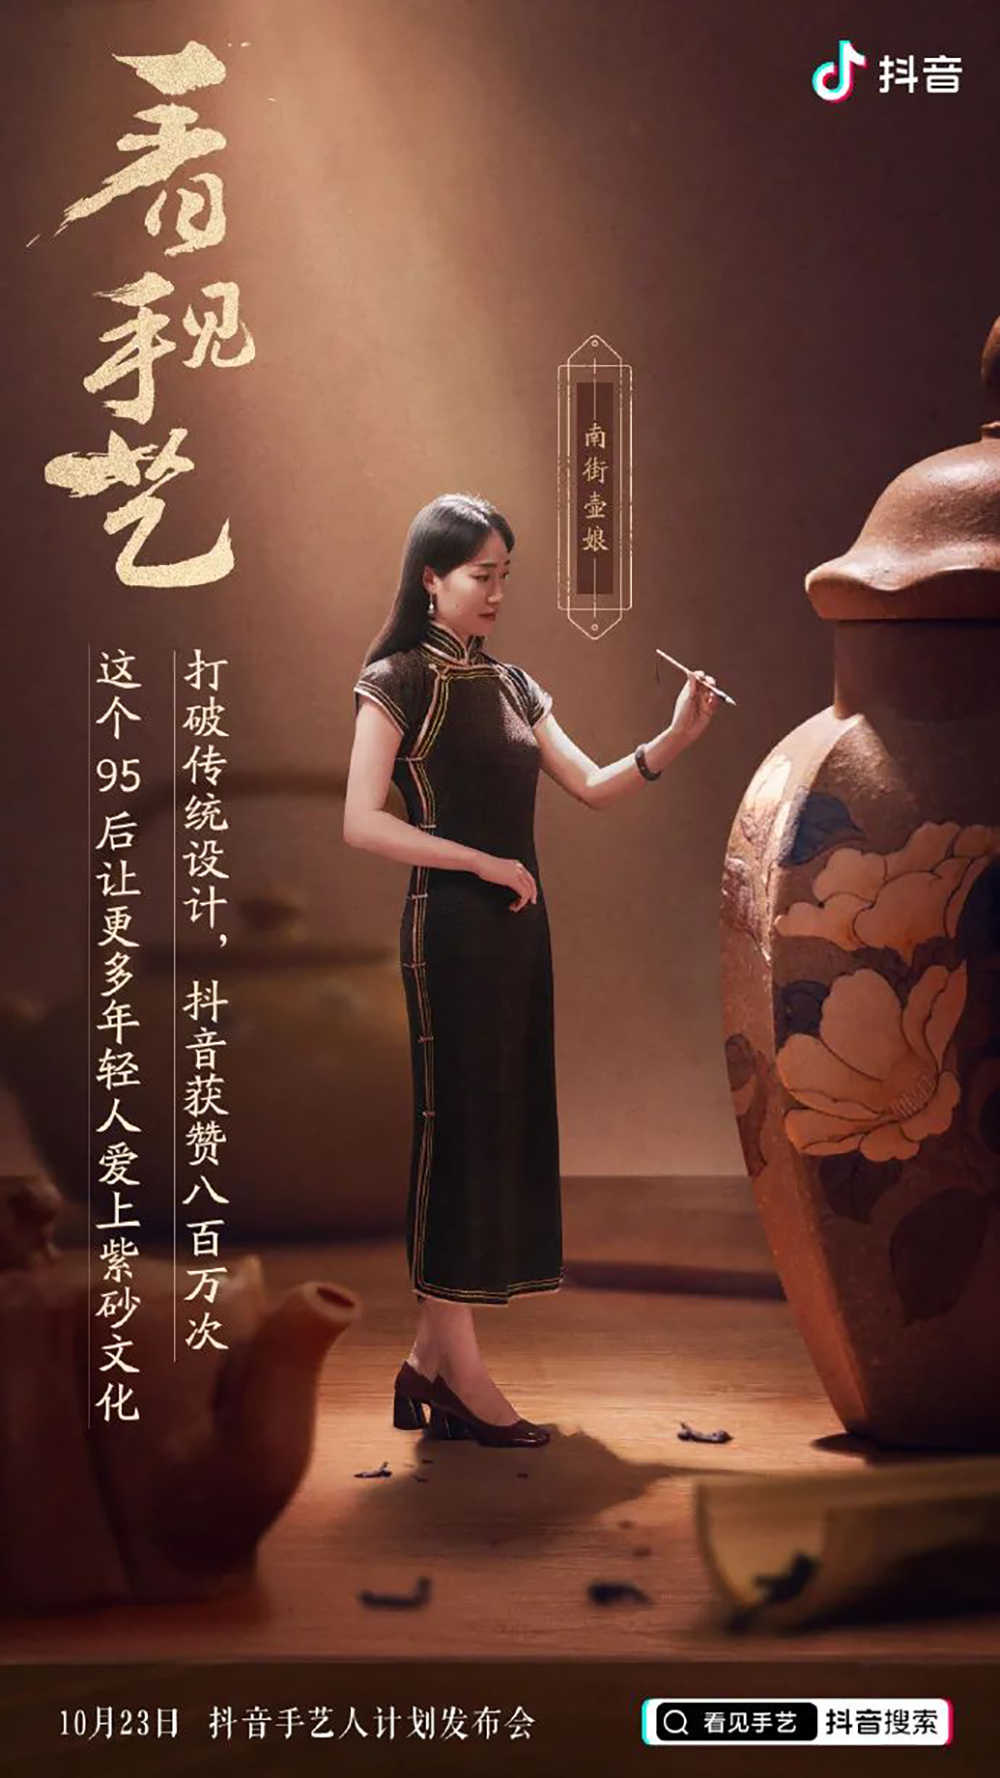 传统文化!12张抖音创意海报设计